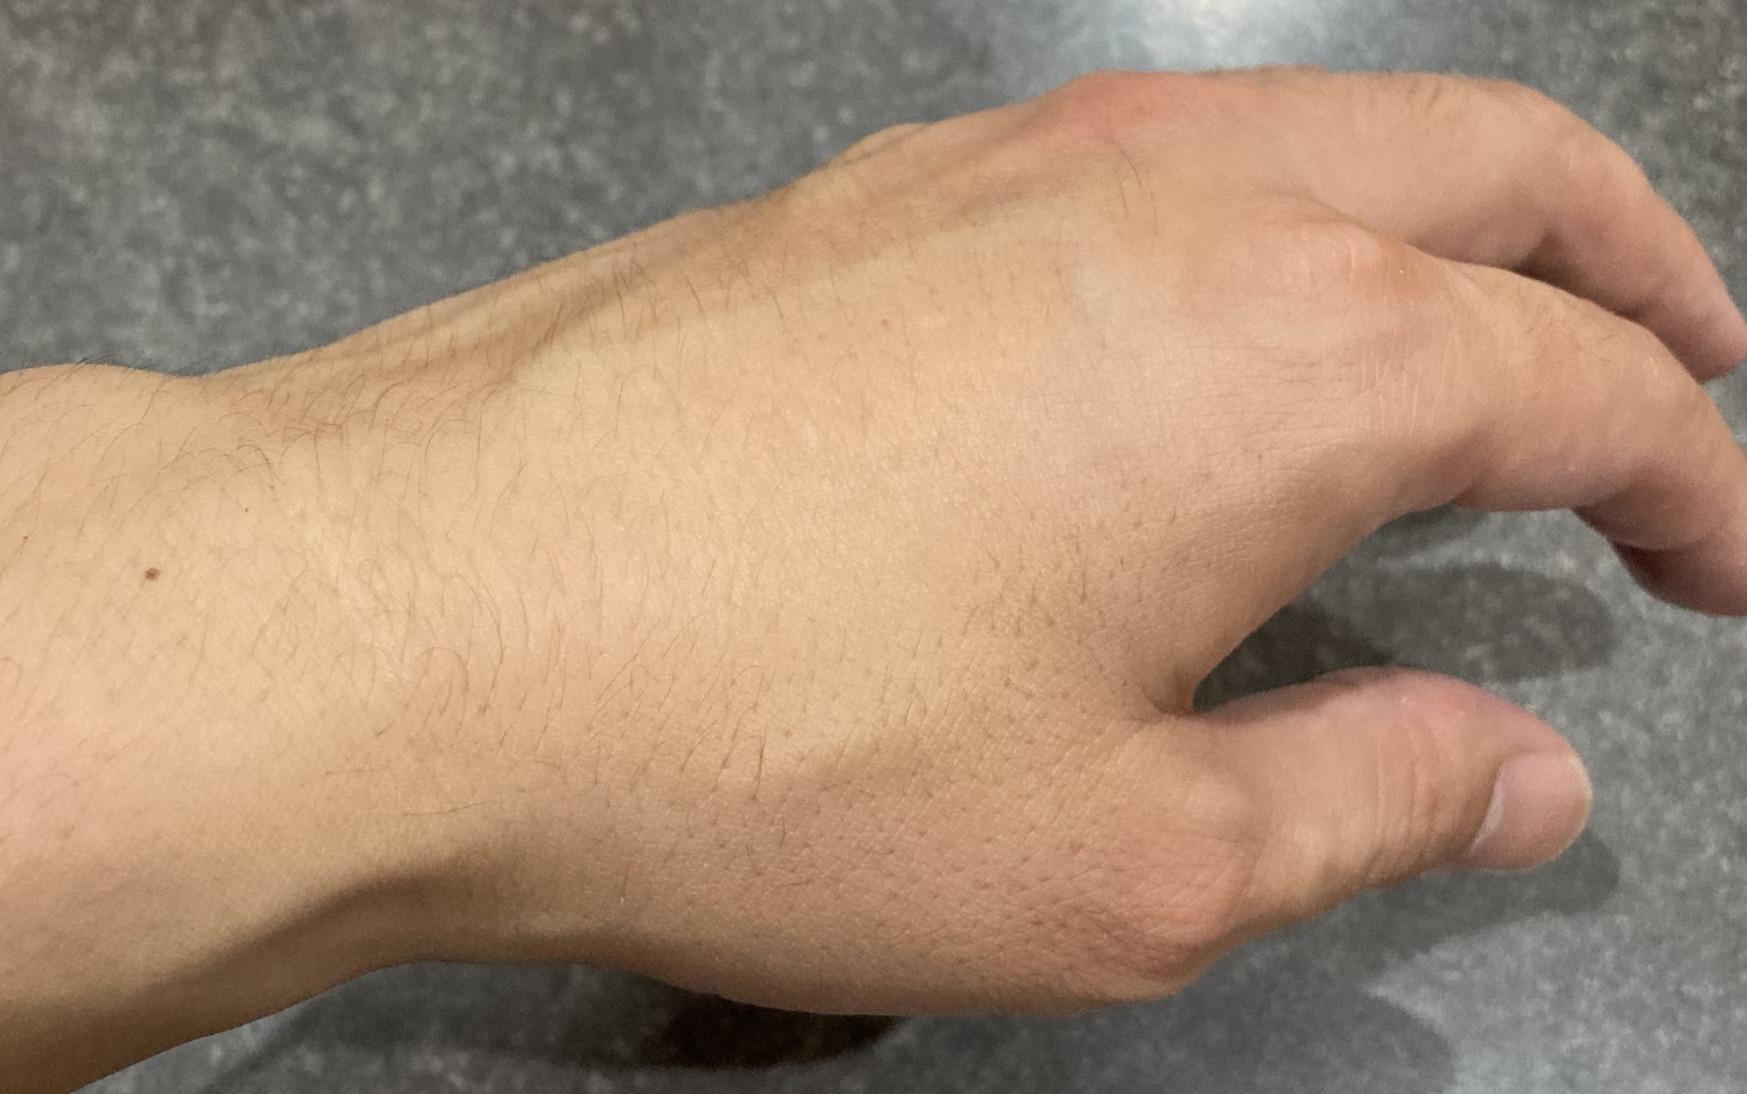 ベルブランのレビュー&口コミ ニキビ跡の赤いシミケアに使えるブースター美白美容液